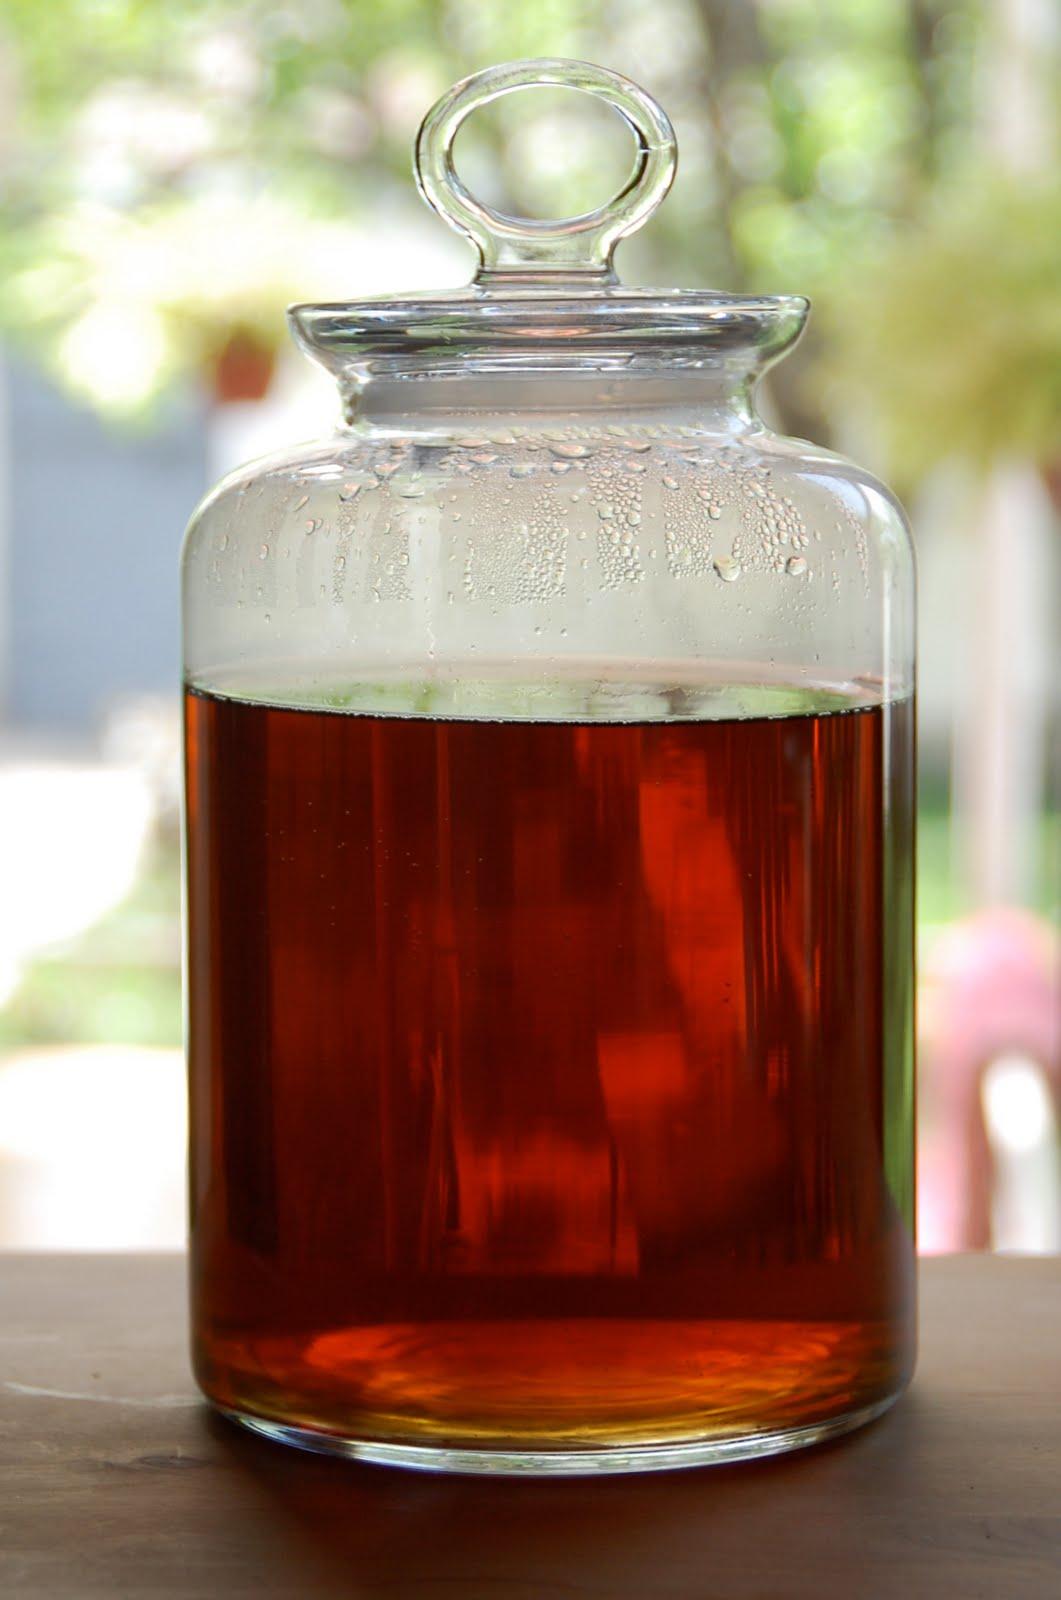 From Scratchistan: Rooibos Mint Sun Tea From Scratch